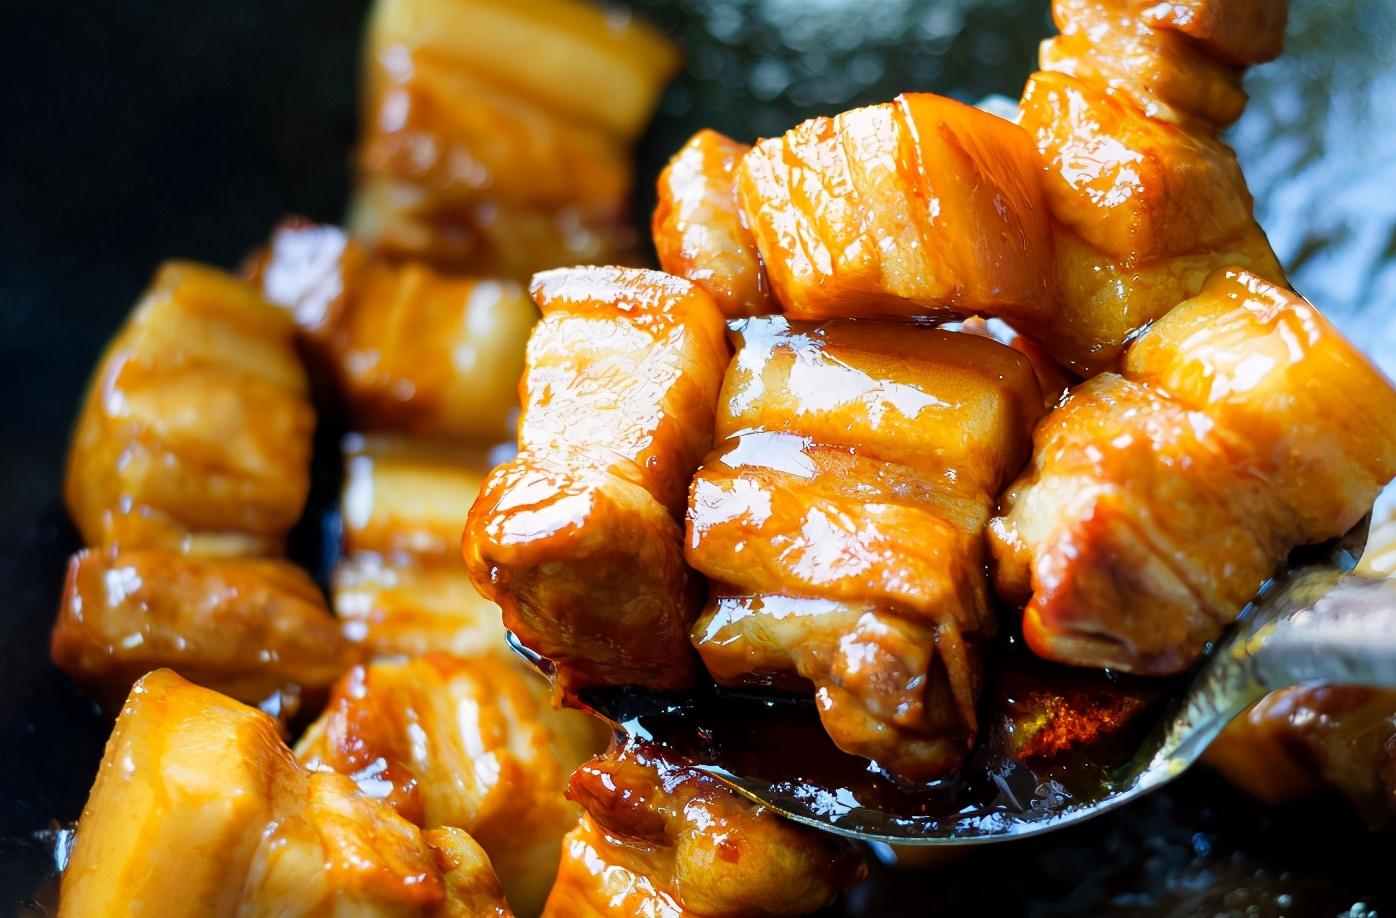 做红烧肉,有一种料不能放,会让肉发柴腥味大,牢牢记住正确用料 美食做法 第5张